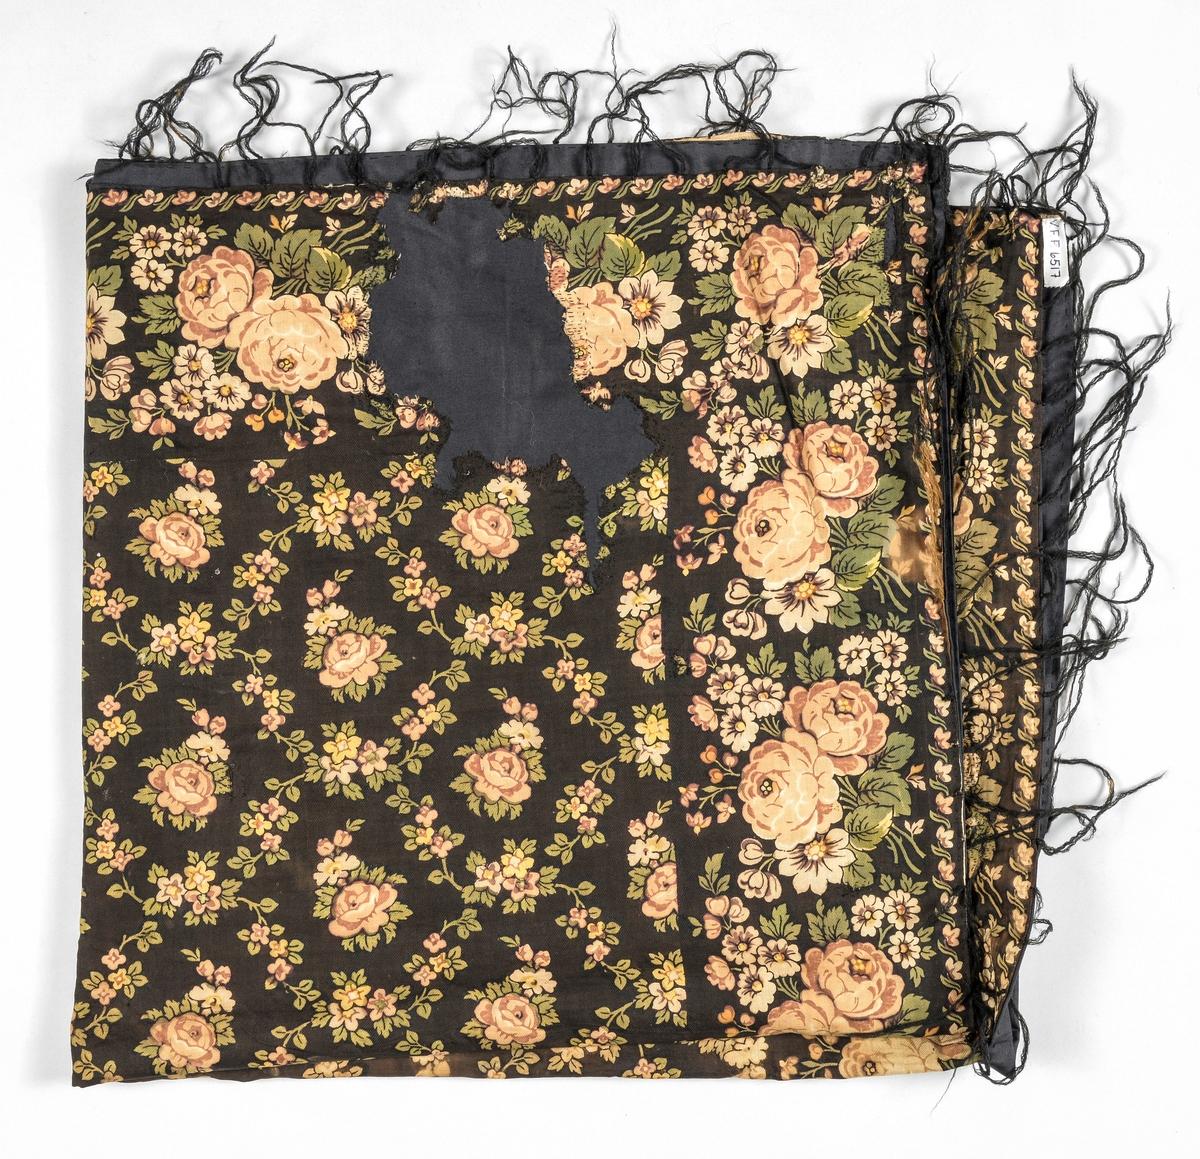 Tørkle i trykt bomulltøy, kypertvove. Brunsvart i botn med rosemønster i beige, lys brunt, grønt og gult. Påsette frynser i ull. Tørkledet er fóra med svart bomull, og stoppa til tørkledet der det er hol.